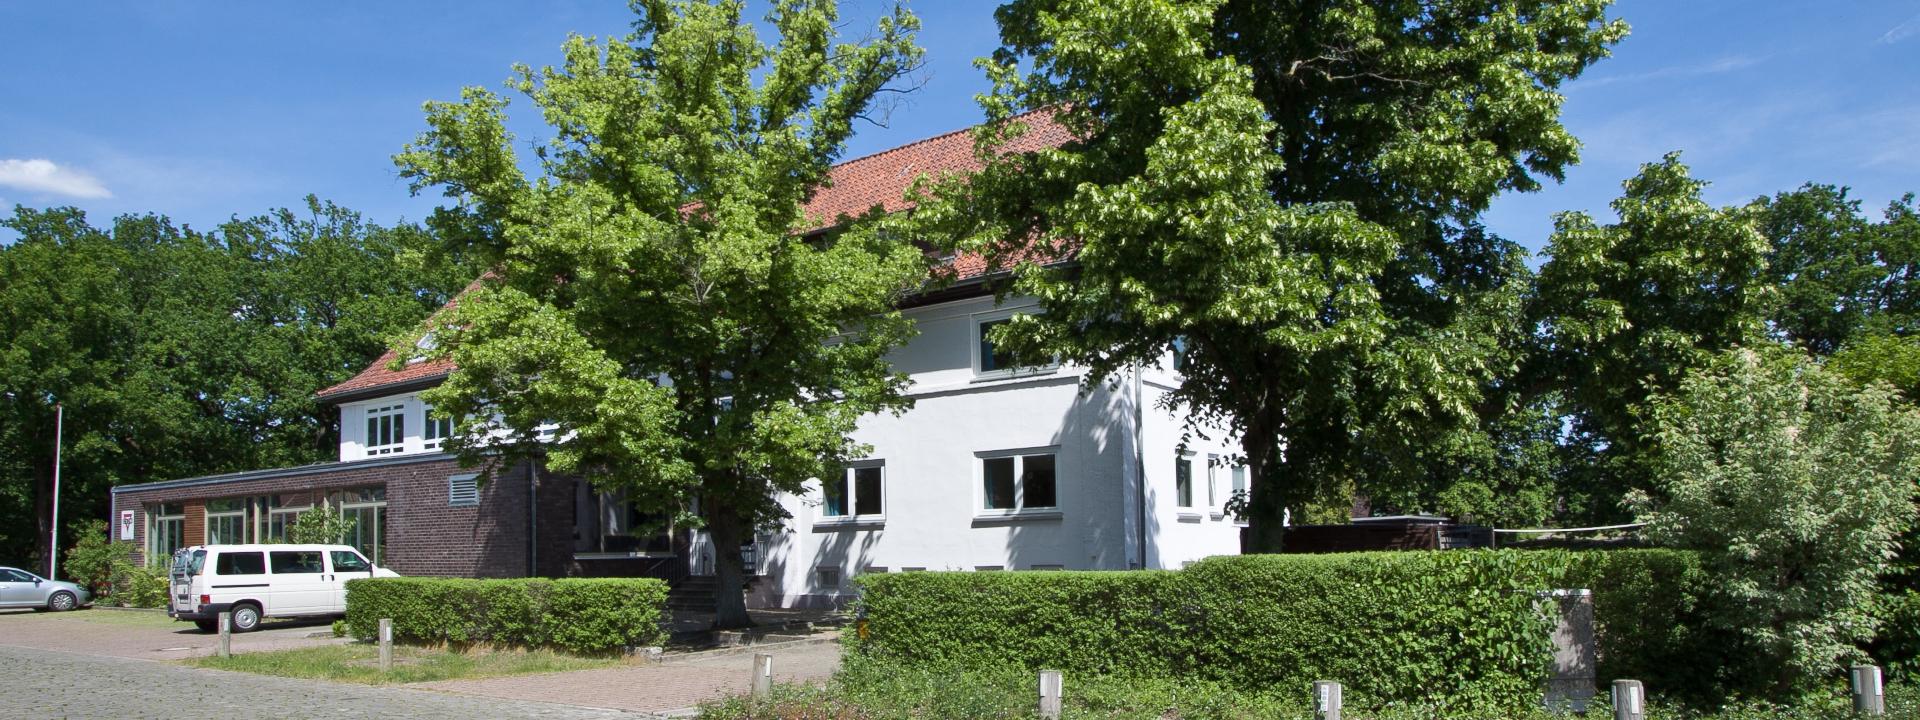 Haupthaus von außen